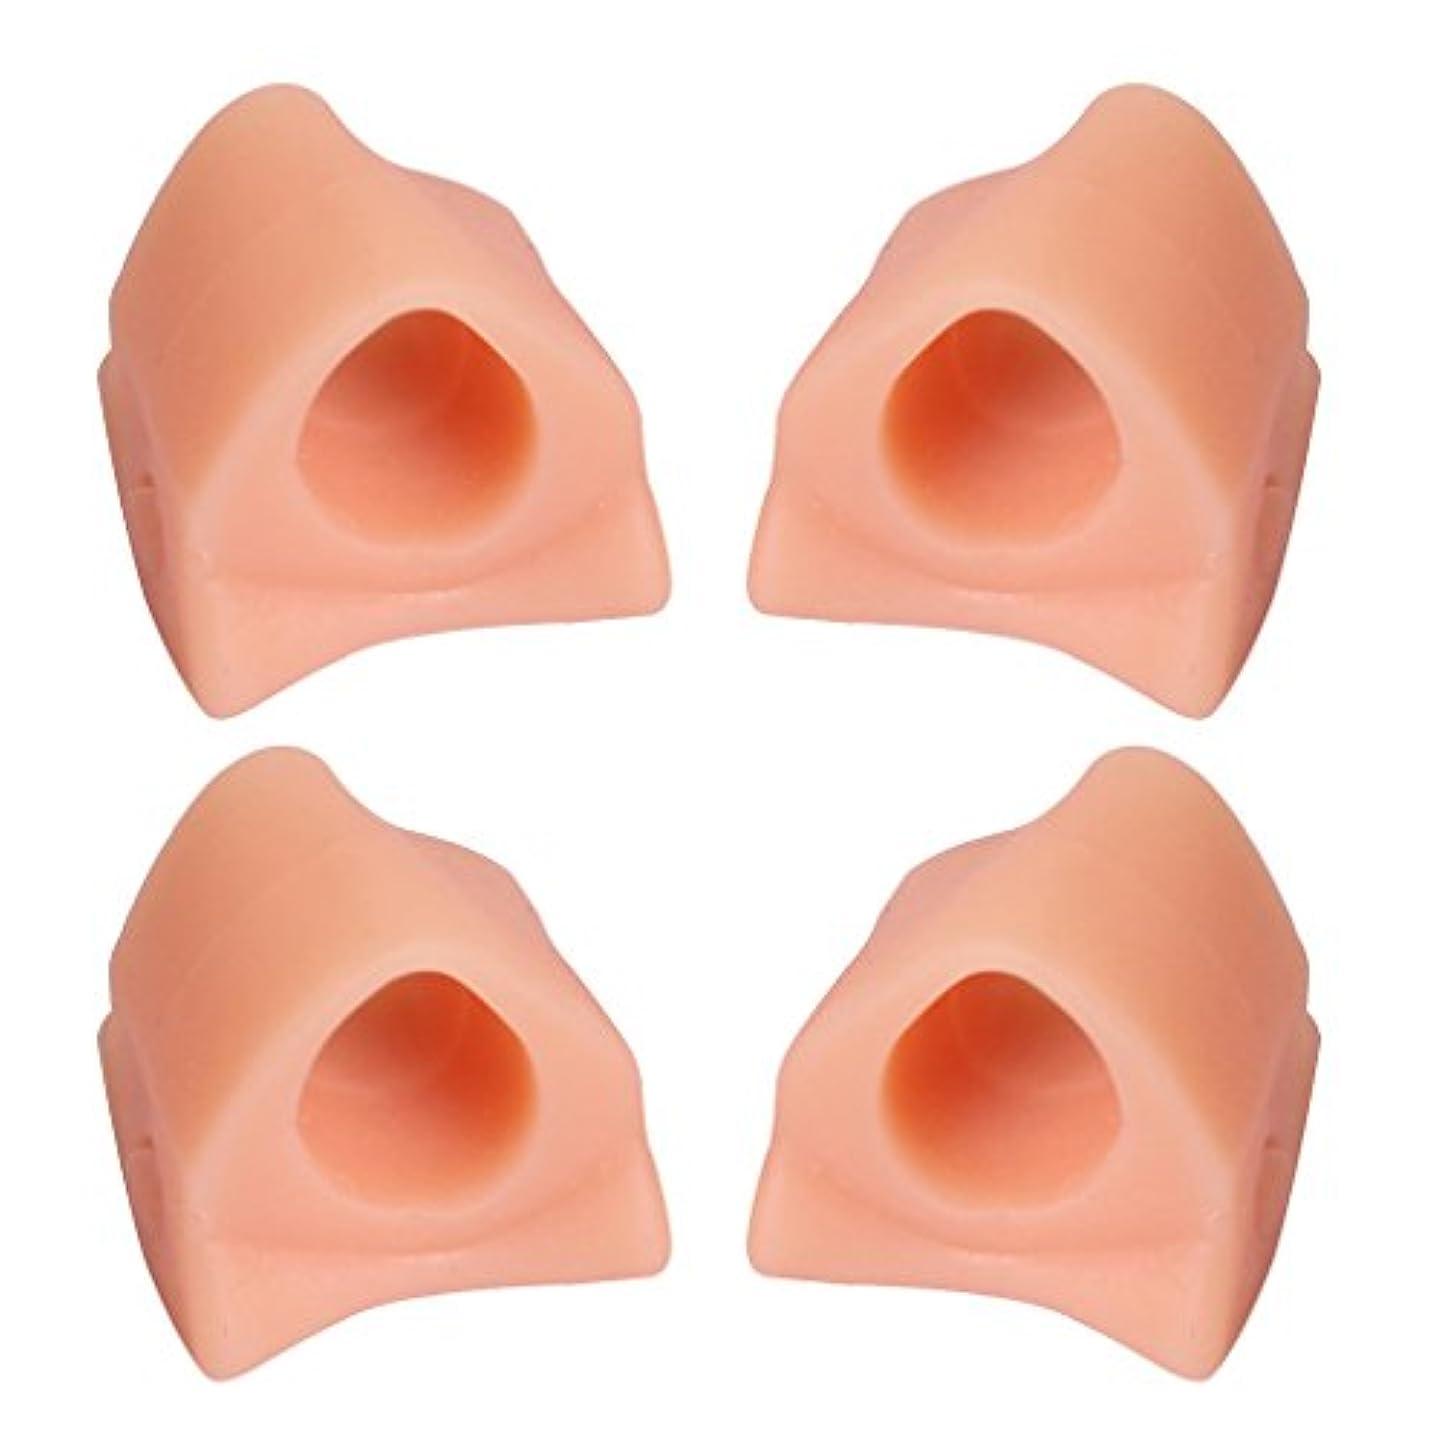 病者すべて満足Hellery 4本ゲル腱膜補正つま先セパレーター補正Hallux外反フットケア